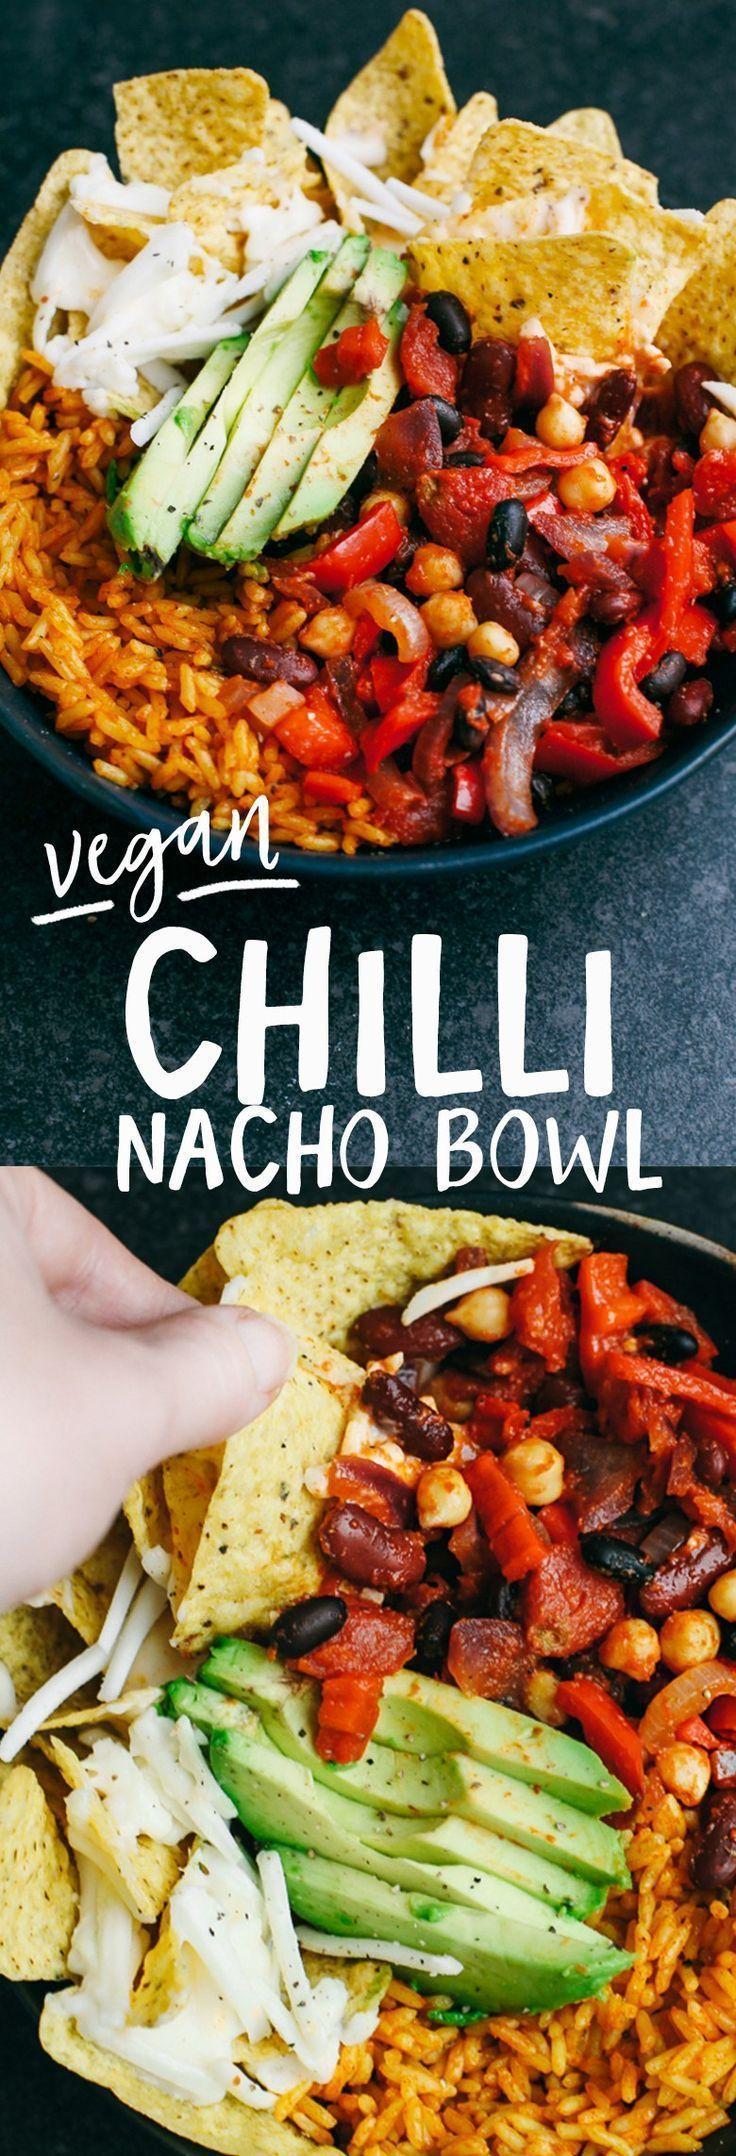 Vegan Bean Chilli Nacho Bowl